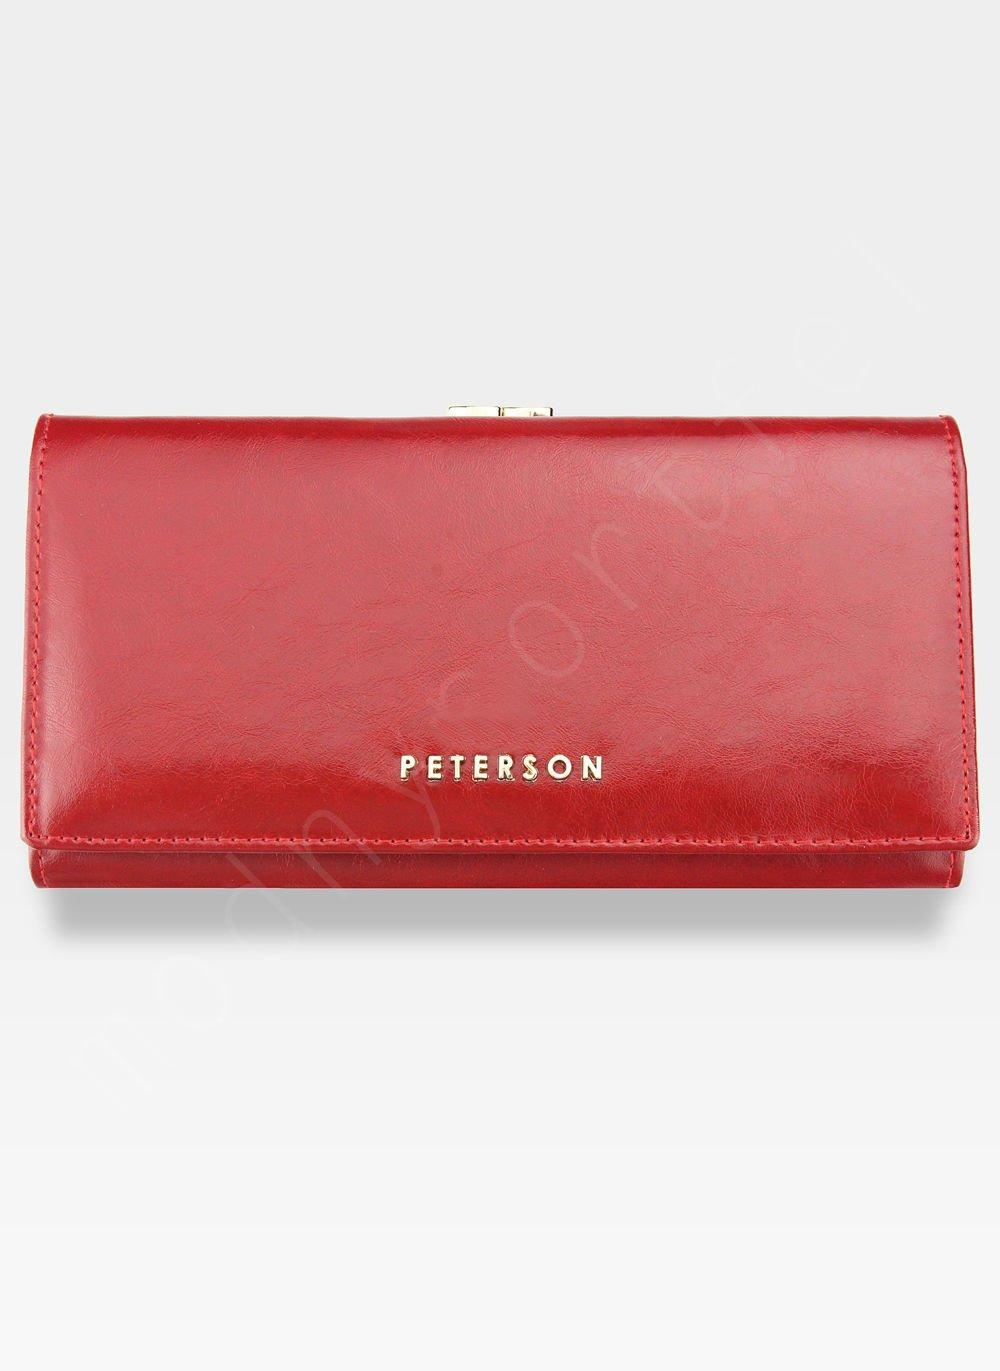 2e4d6b6389e47 Portfel Damski Skórzany PETERSON 721 Czerwony Portmonetka PL 721 RED ...